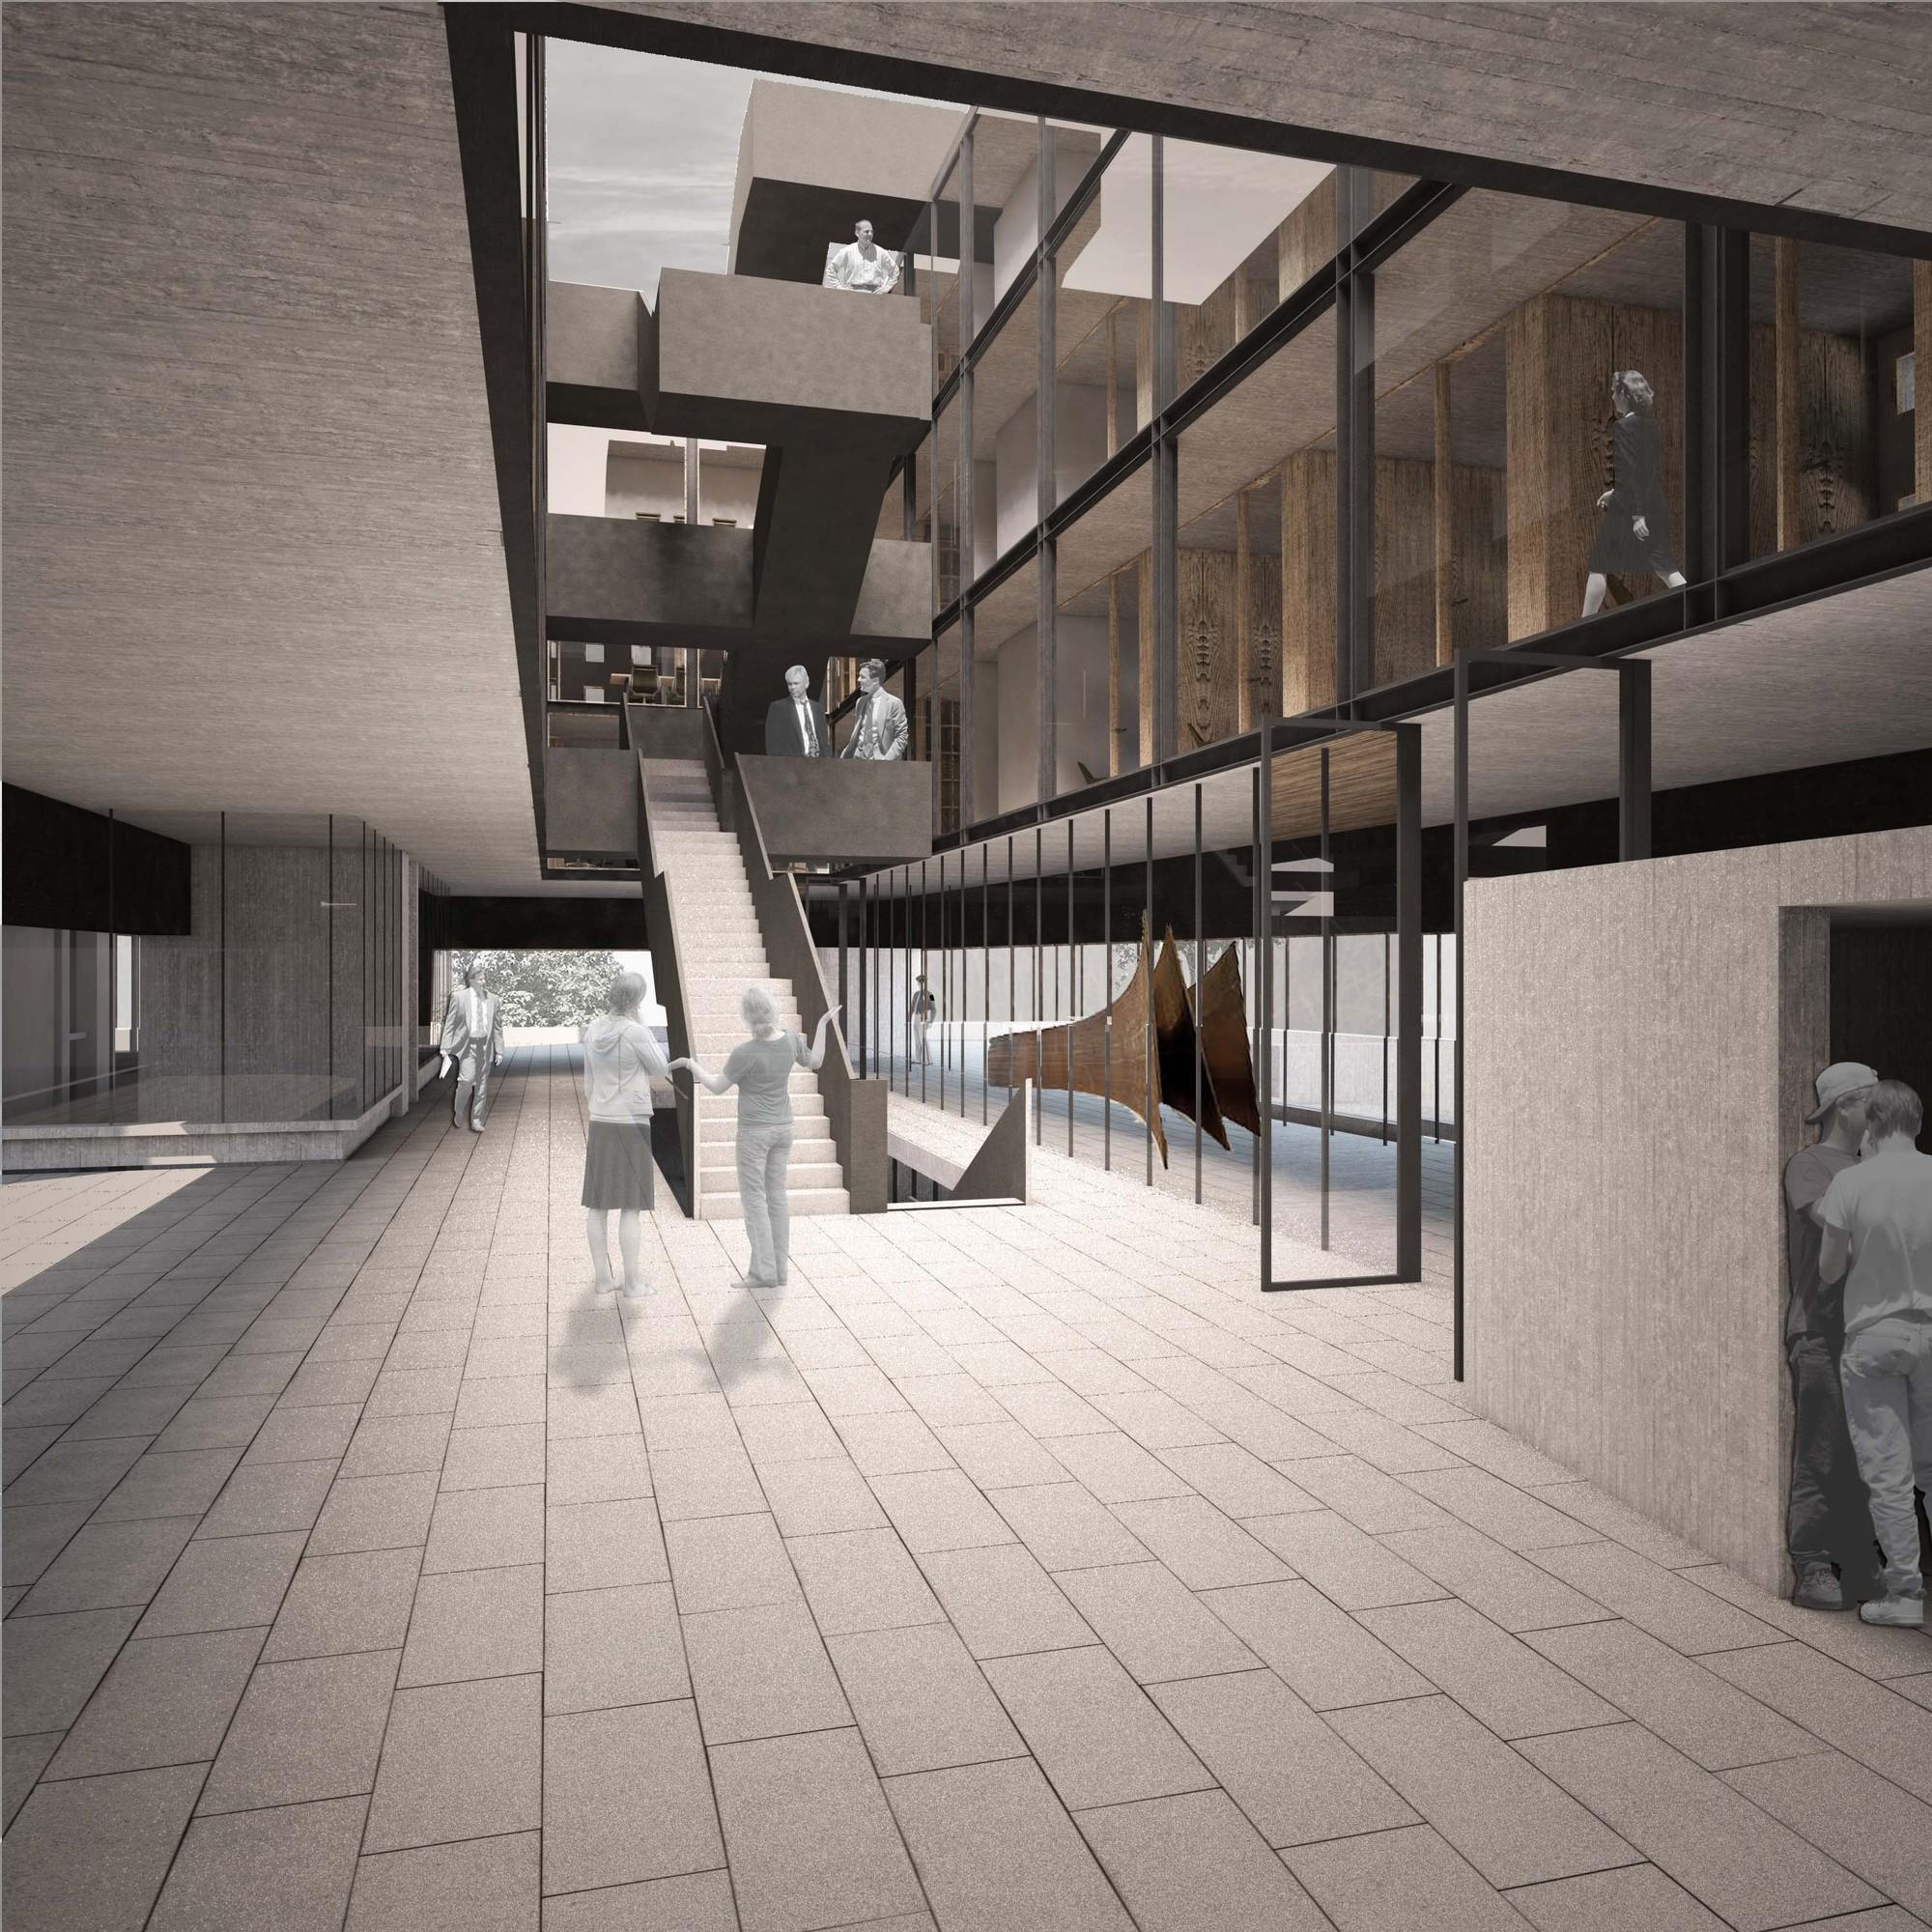 Galer a de ganadores concurso edificio docente y de for Cursos de arquitectura uni